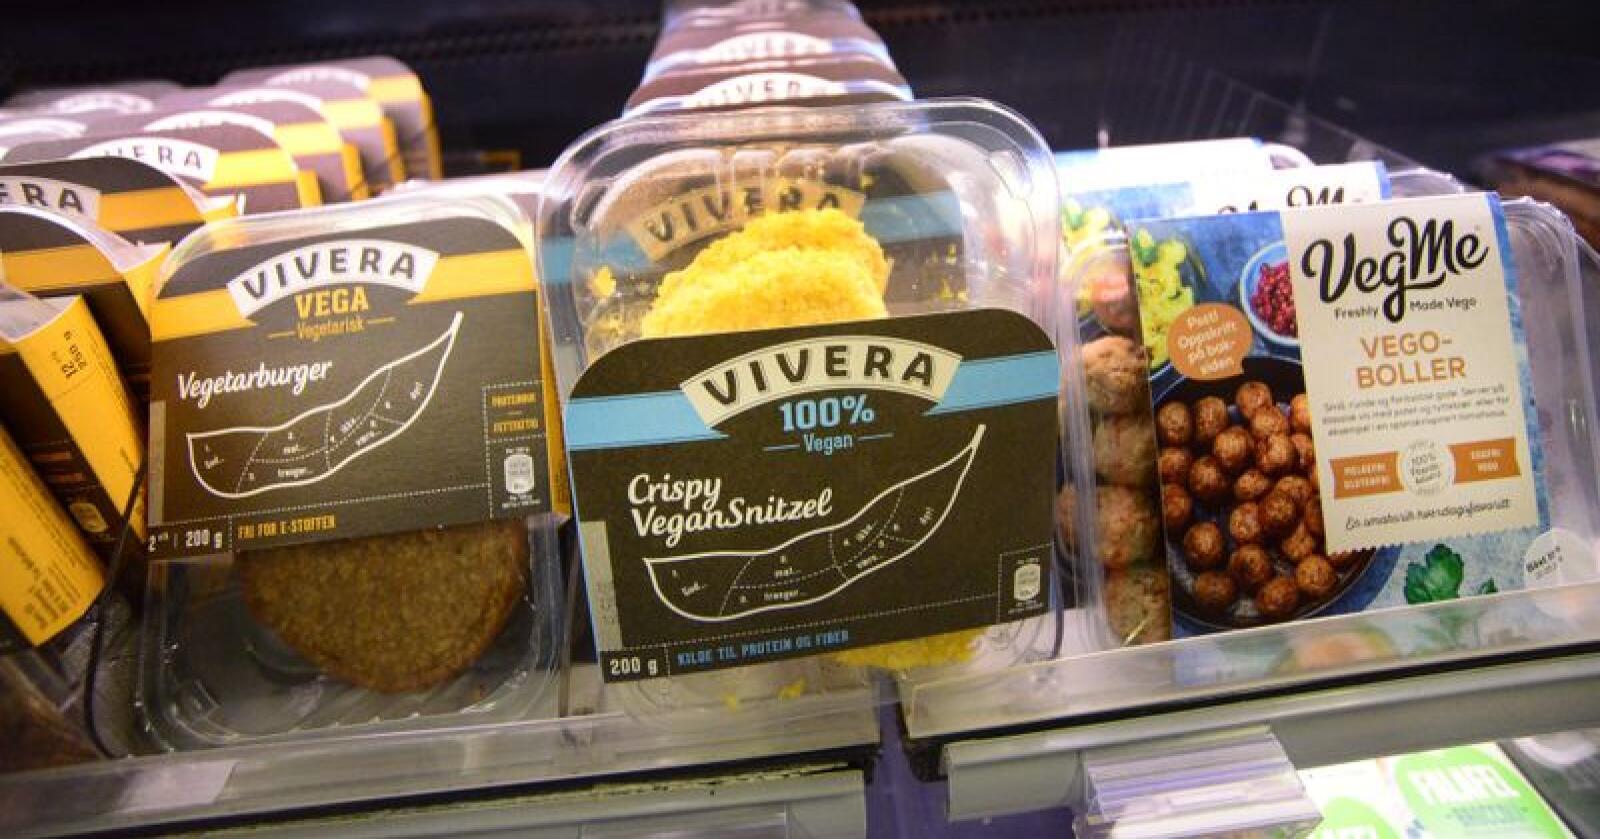 Mange av vegetar- og veganproduktene vi finner i butikkhyllene ligner på produkter laget av kjøtt. Foto: Siri Juell Rasmussen